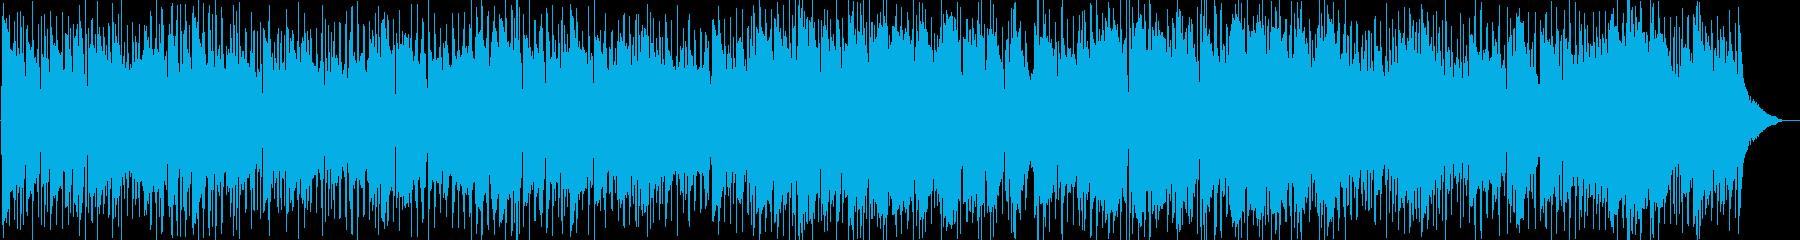 ブルージーなロックバラードの再生済みの波形